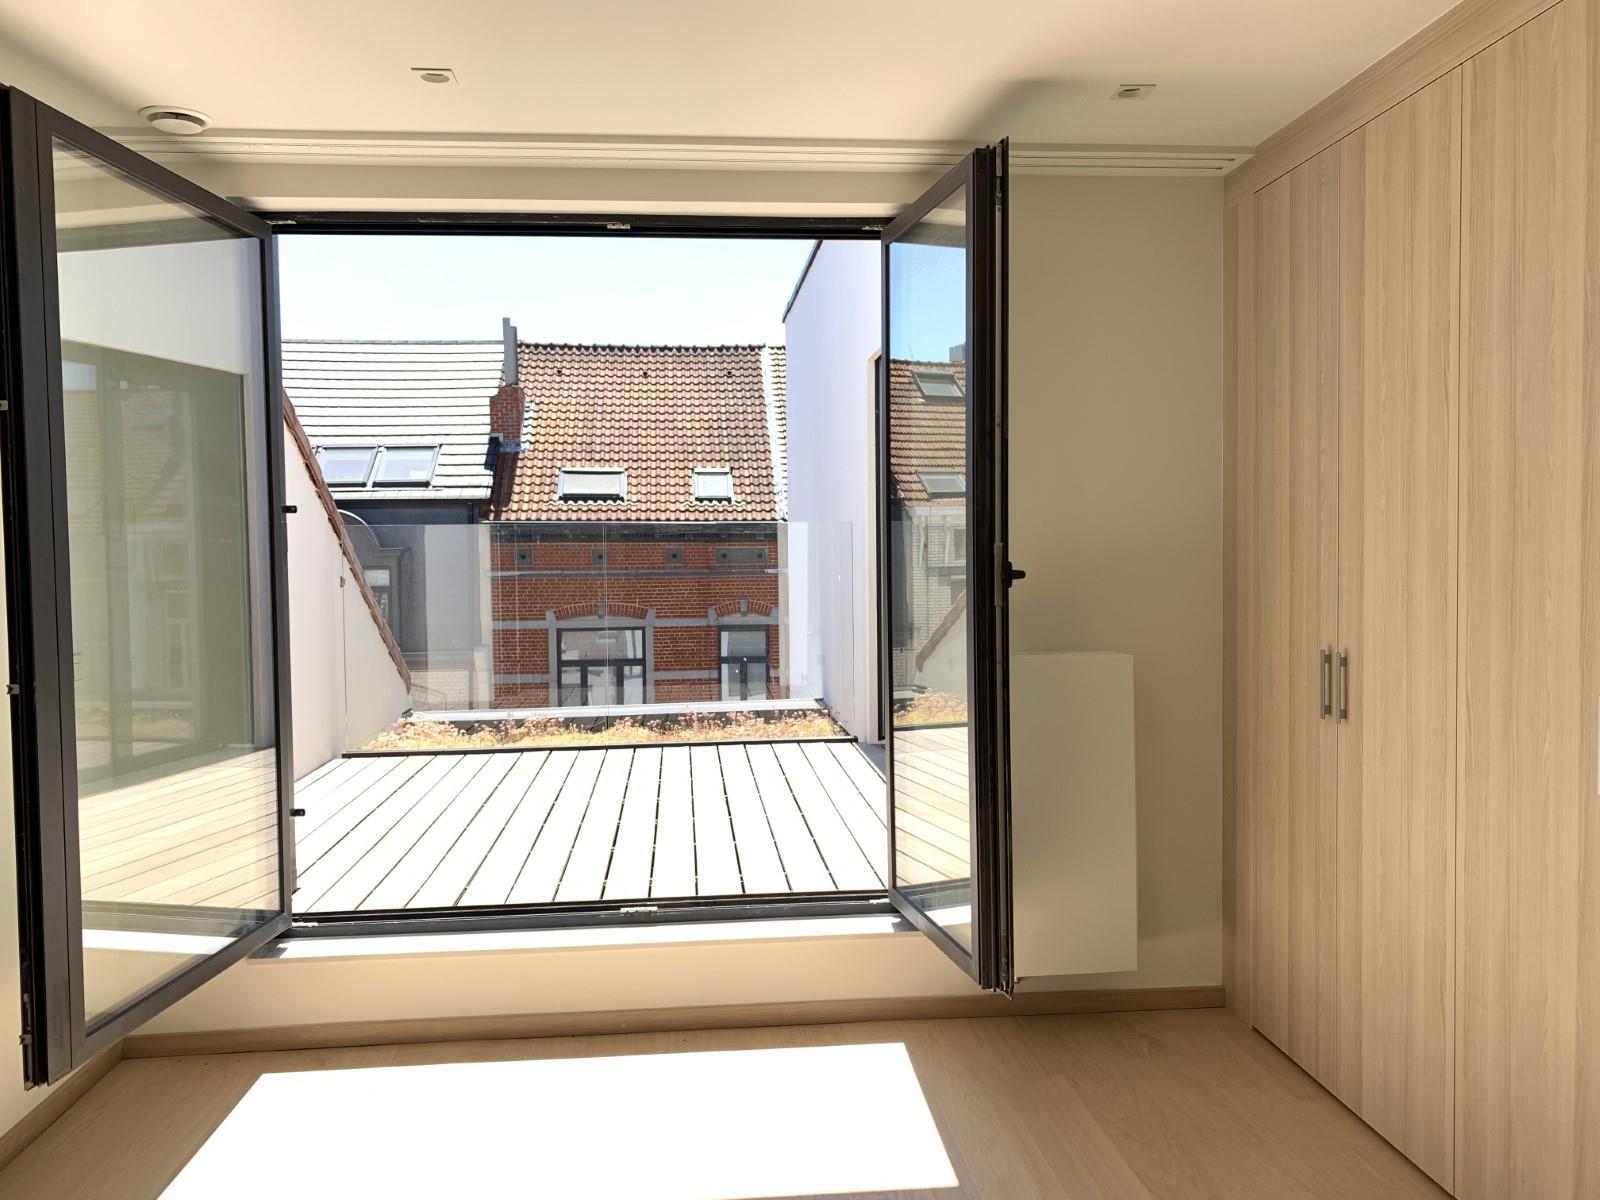 Appartement exceptionnel - Ixelles - #3929606-4